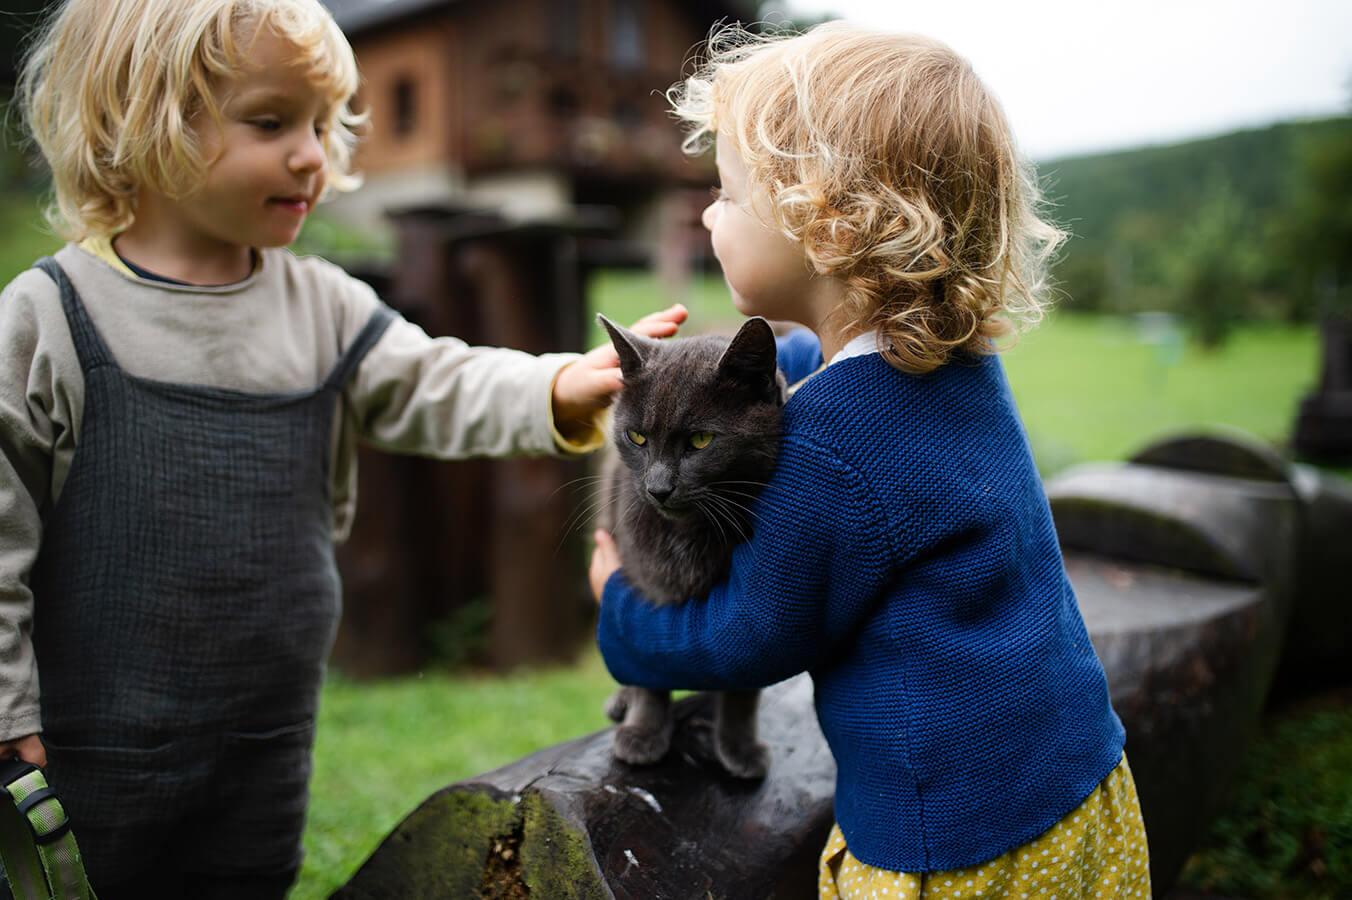 Kot dla dziecka: czy możliwe jest pogodzenie dziecka i czworonożnego przyjaciela?